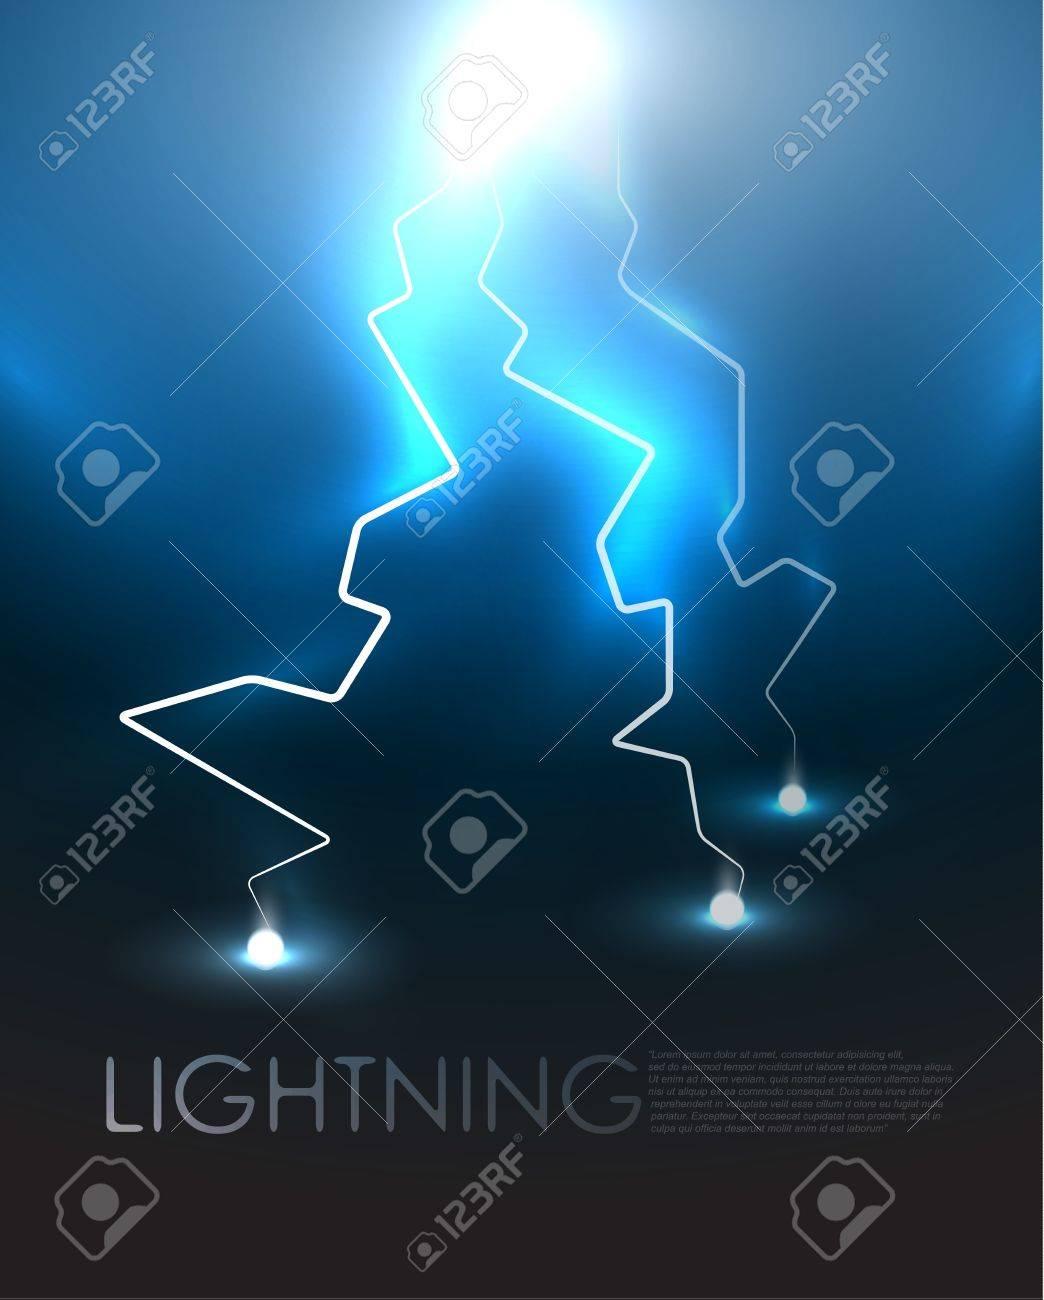 Lightning background Stock Vector - 12493657